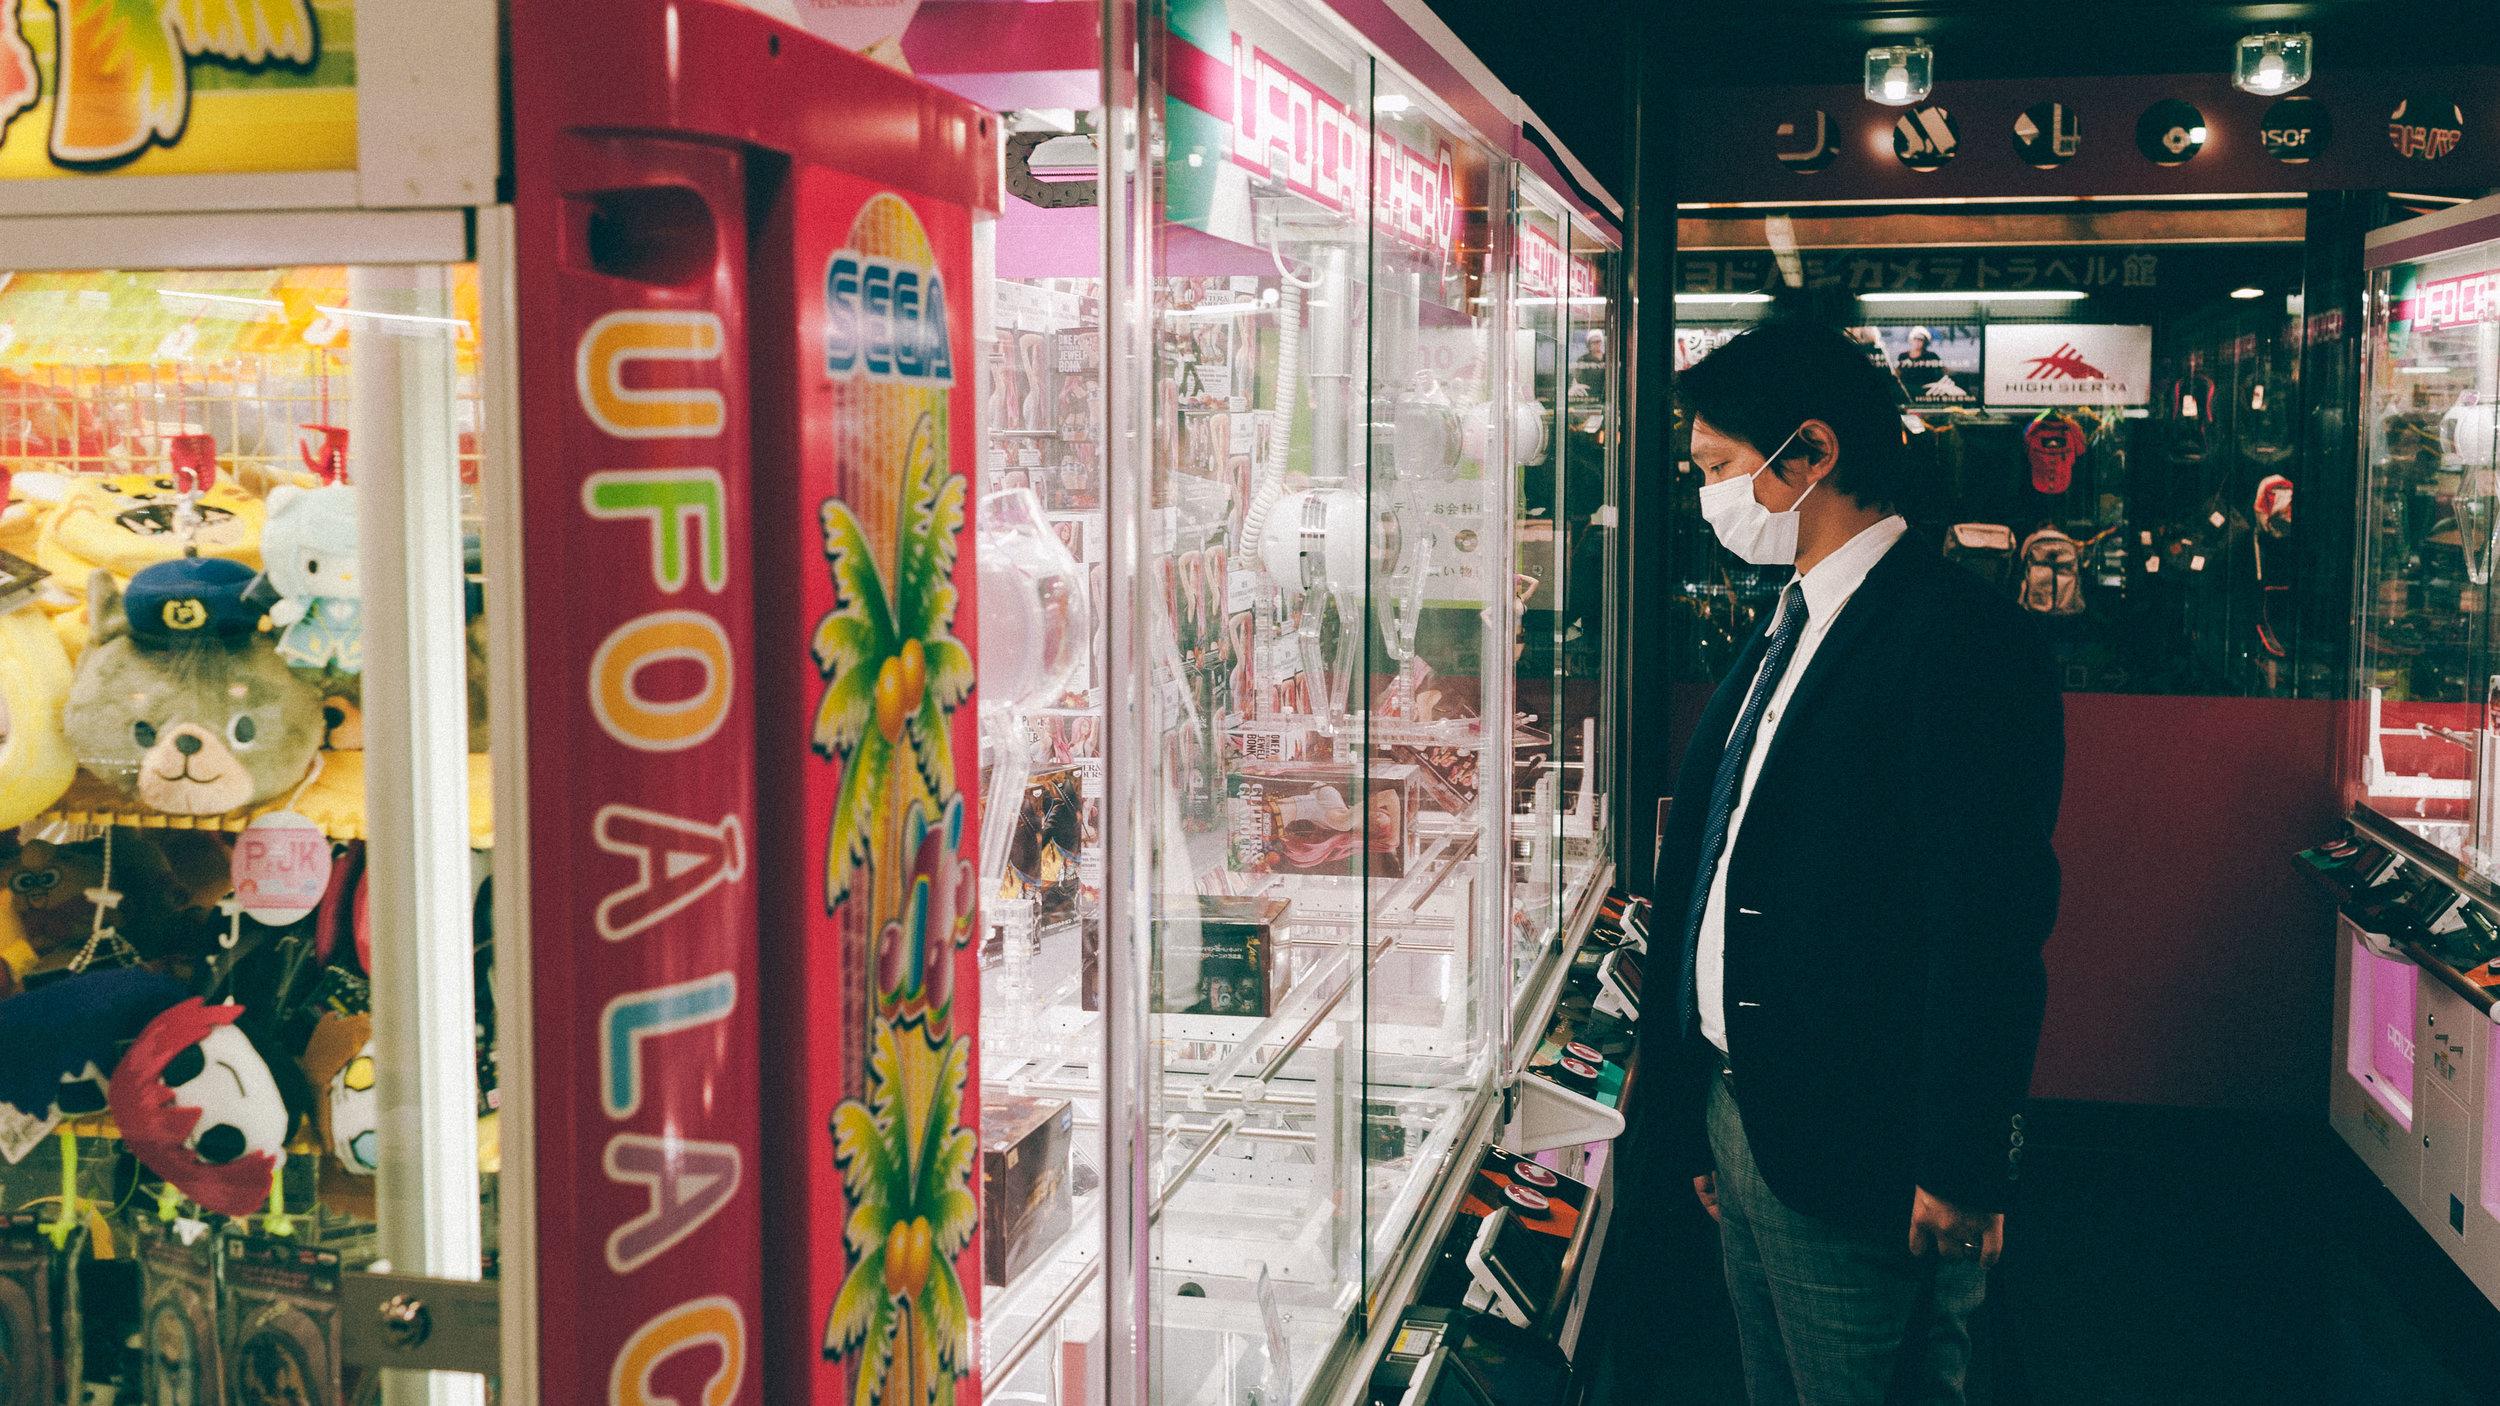 man-playing-claw-game-tokyo-japan.jpg